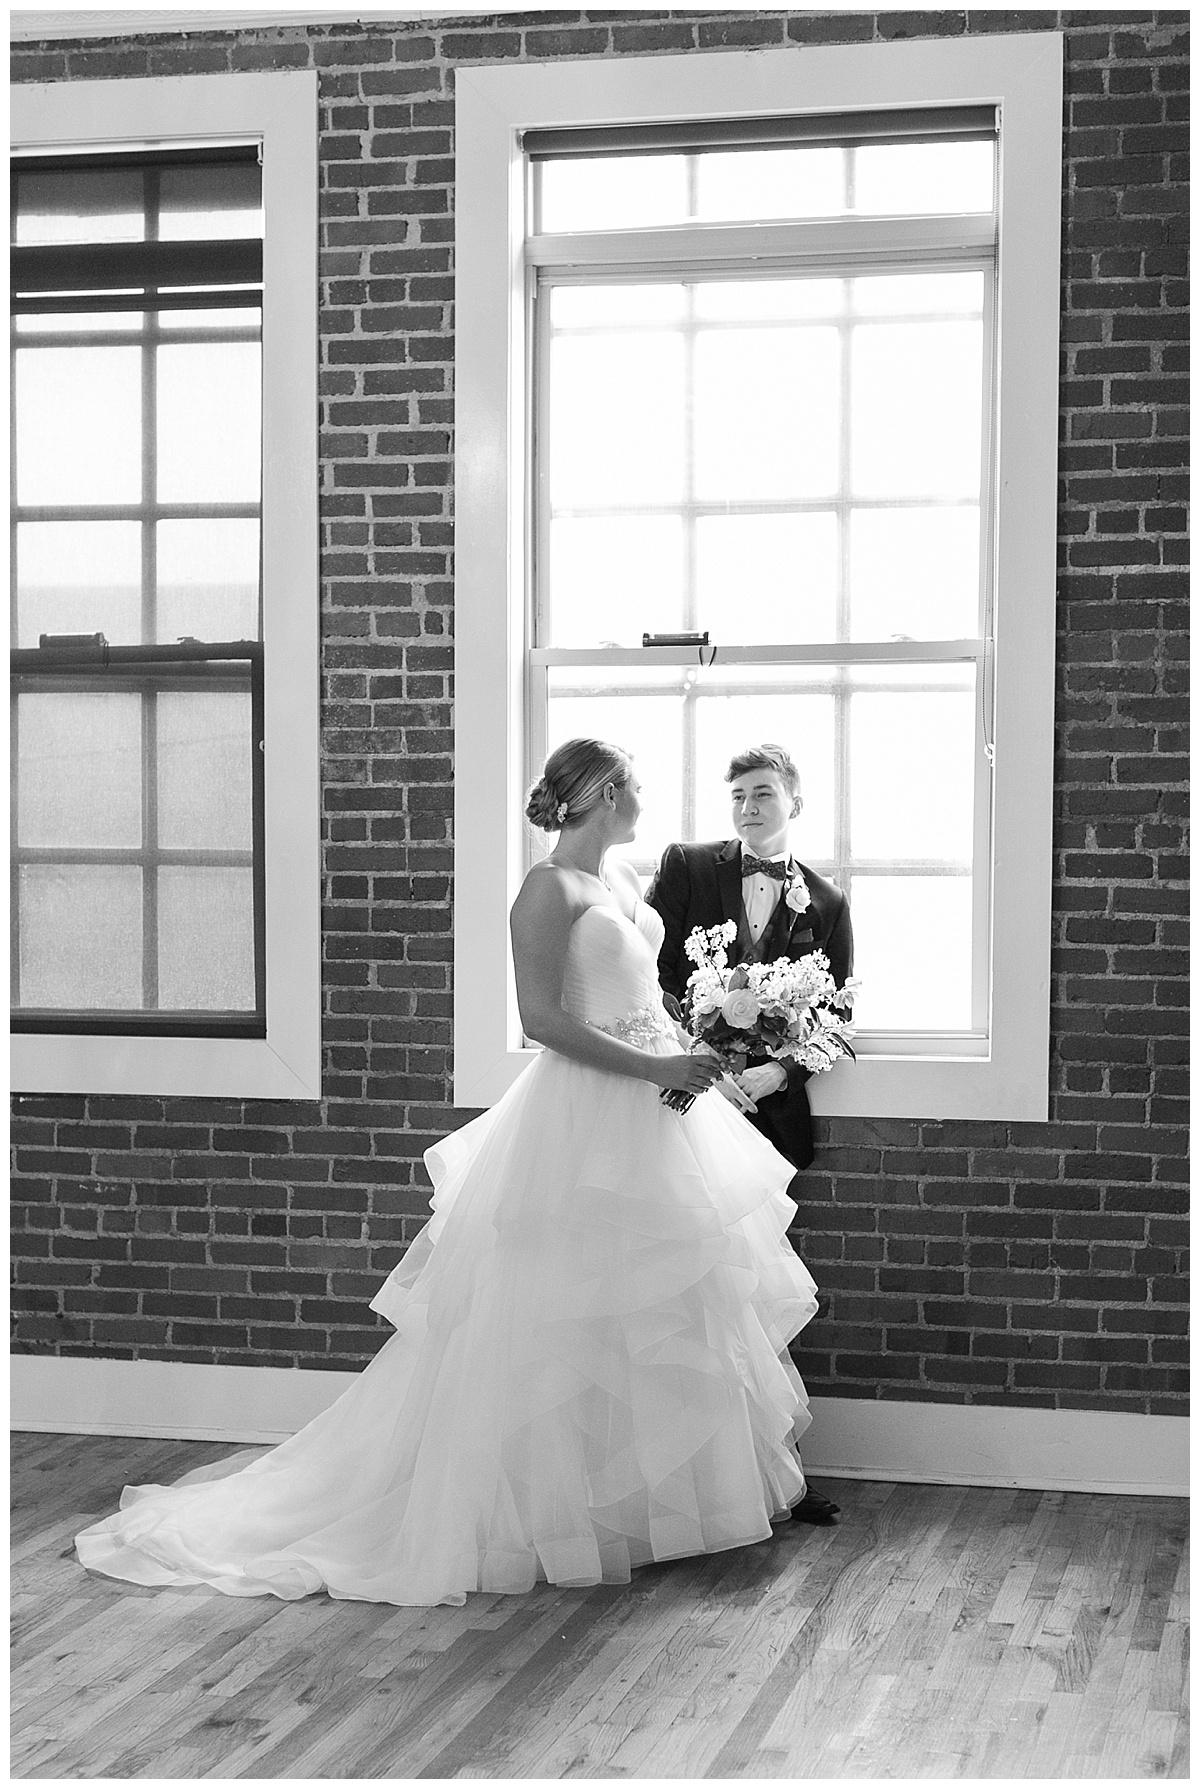 Scott's_Downtown_Monroe_Ga_Wedding_Photograpehrs_0014.jpg